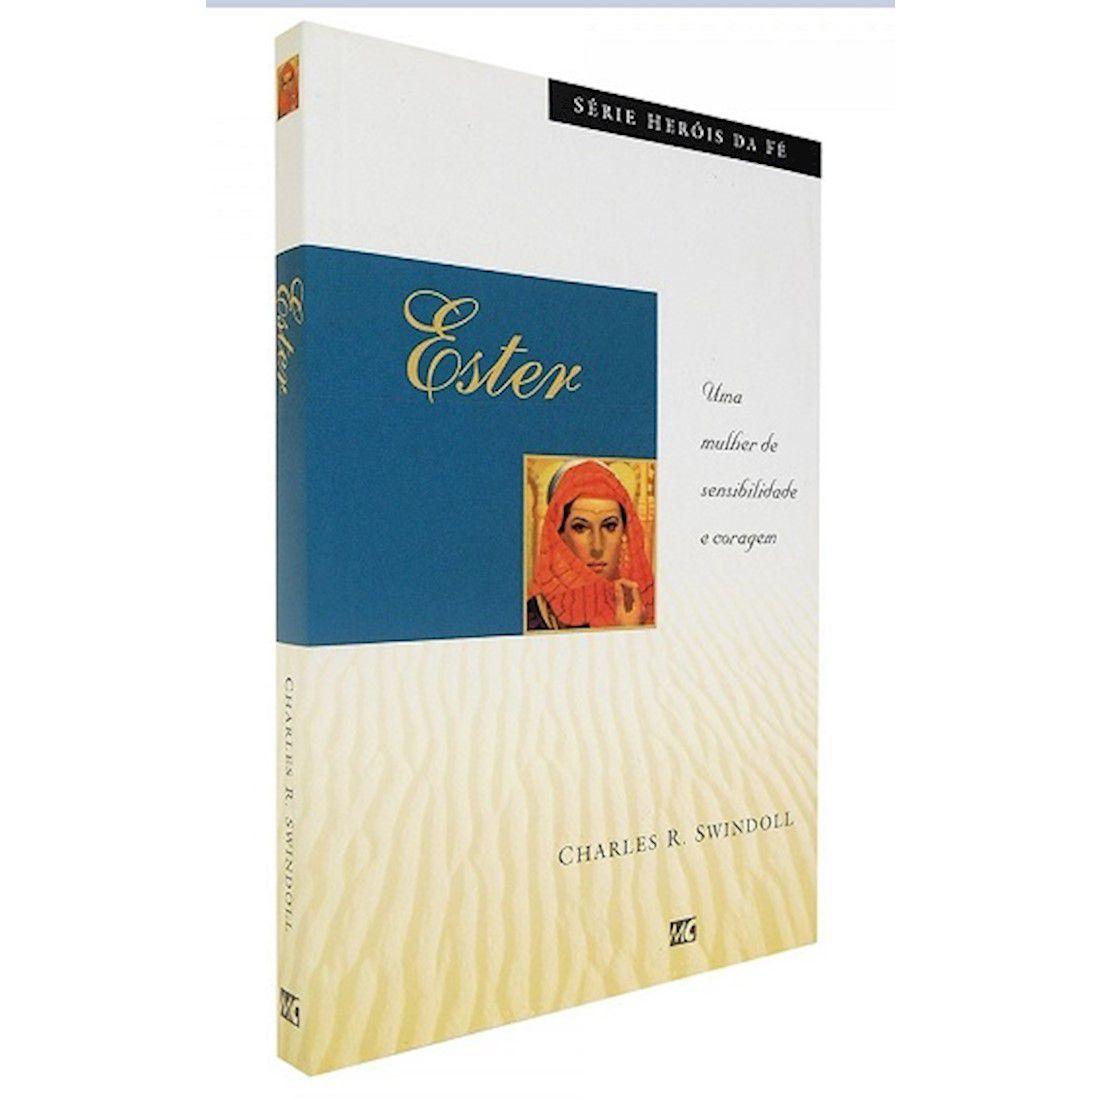 Livro Ester - Uma Mulher de Sensibilidade e Coragem - Série Heróis da Fé